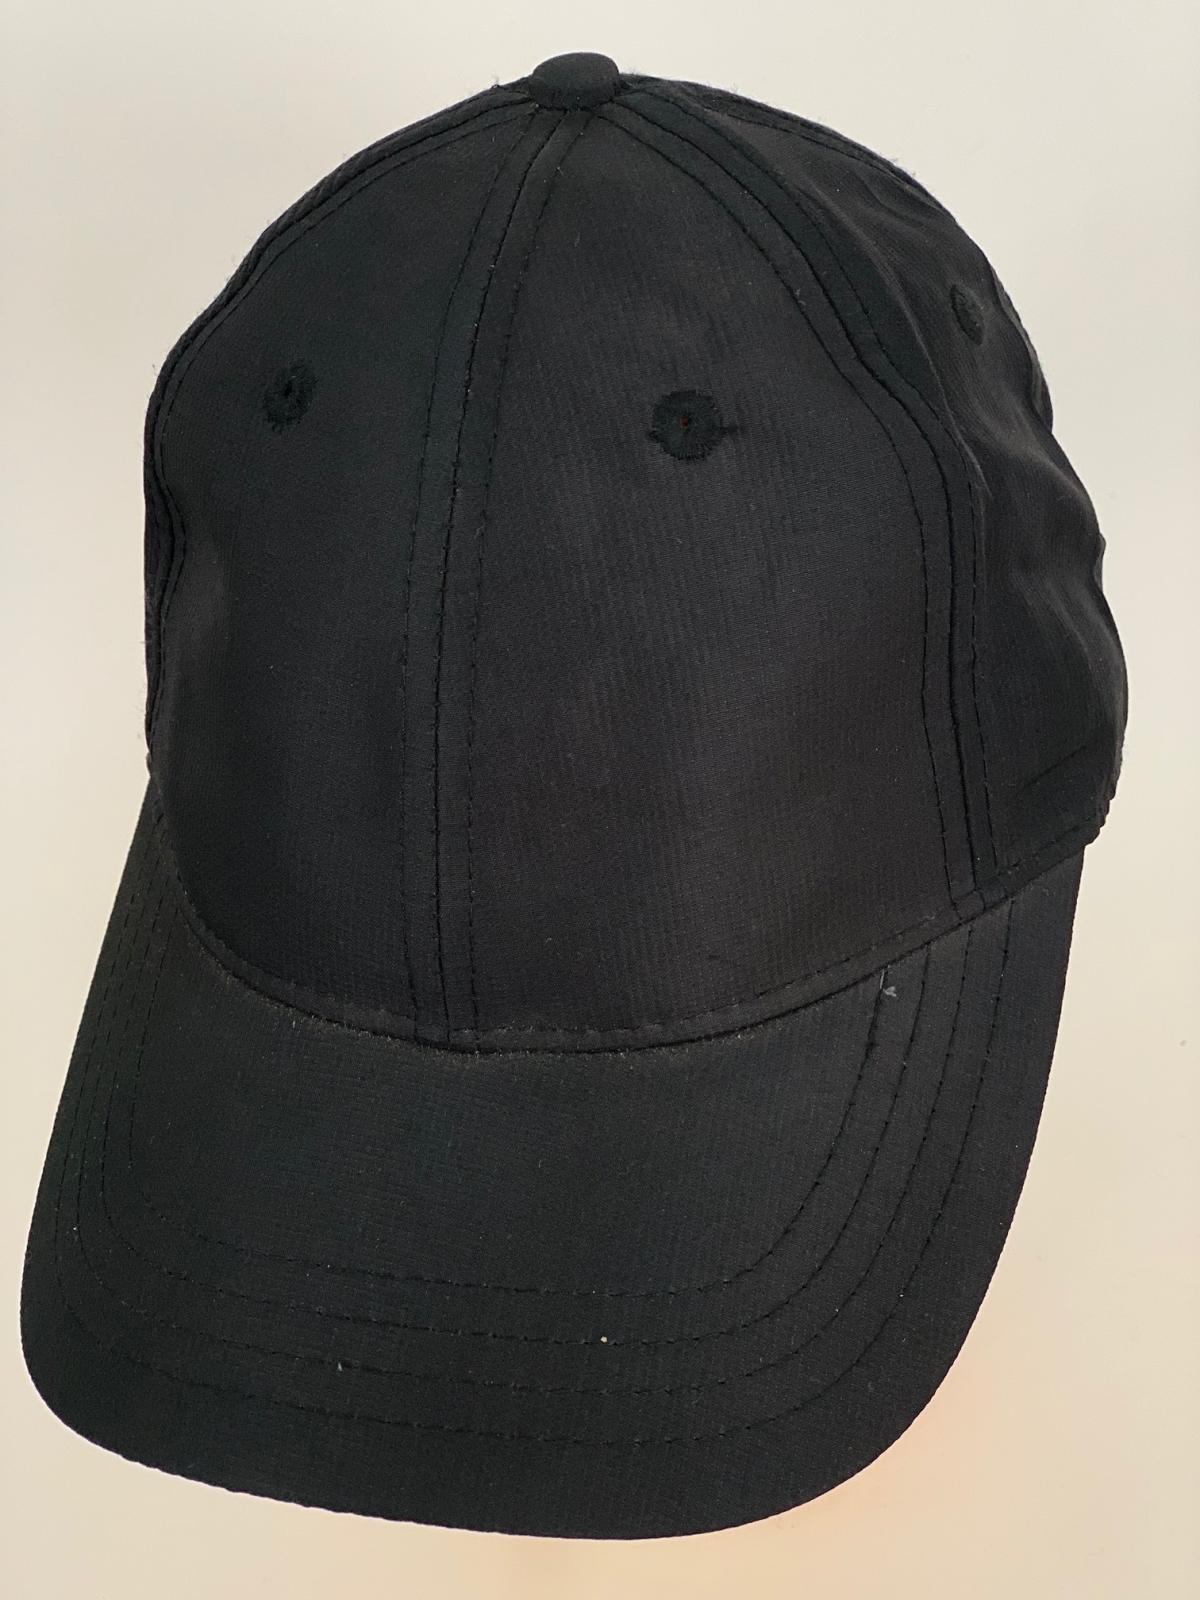 Классическая бейсболка угольно-черного цвета